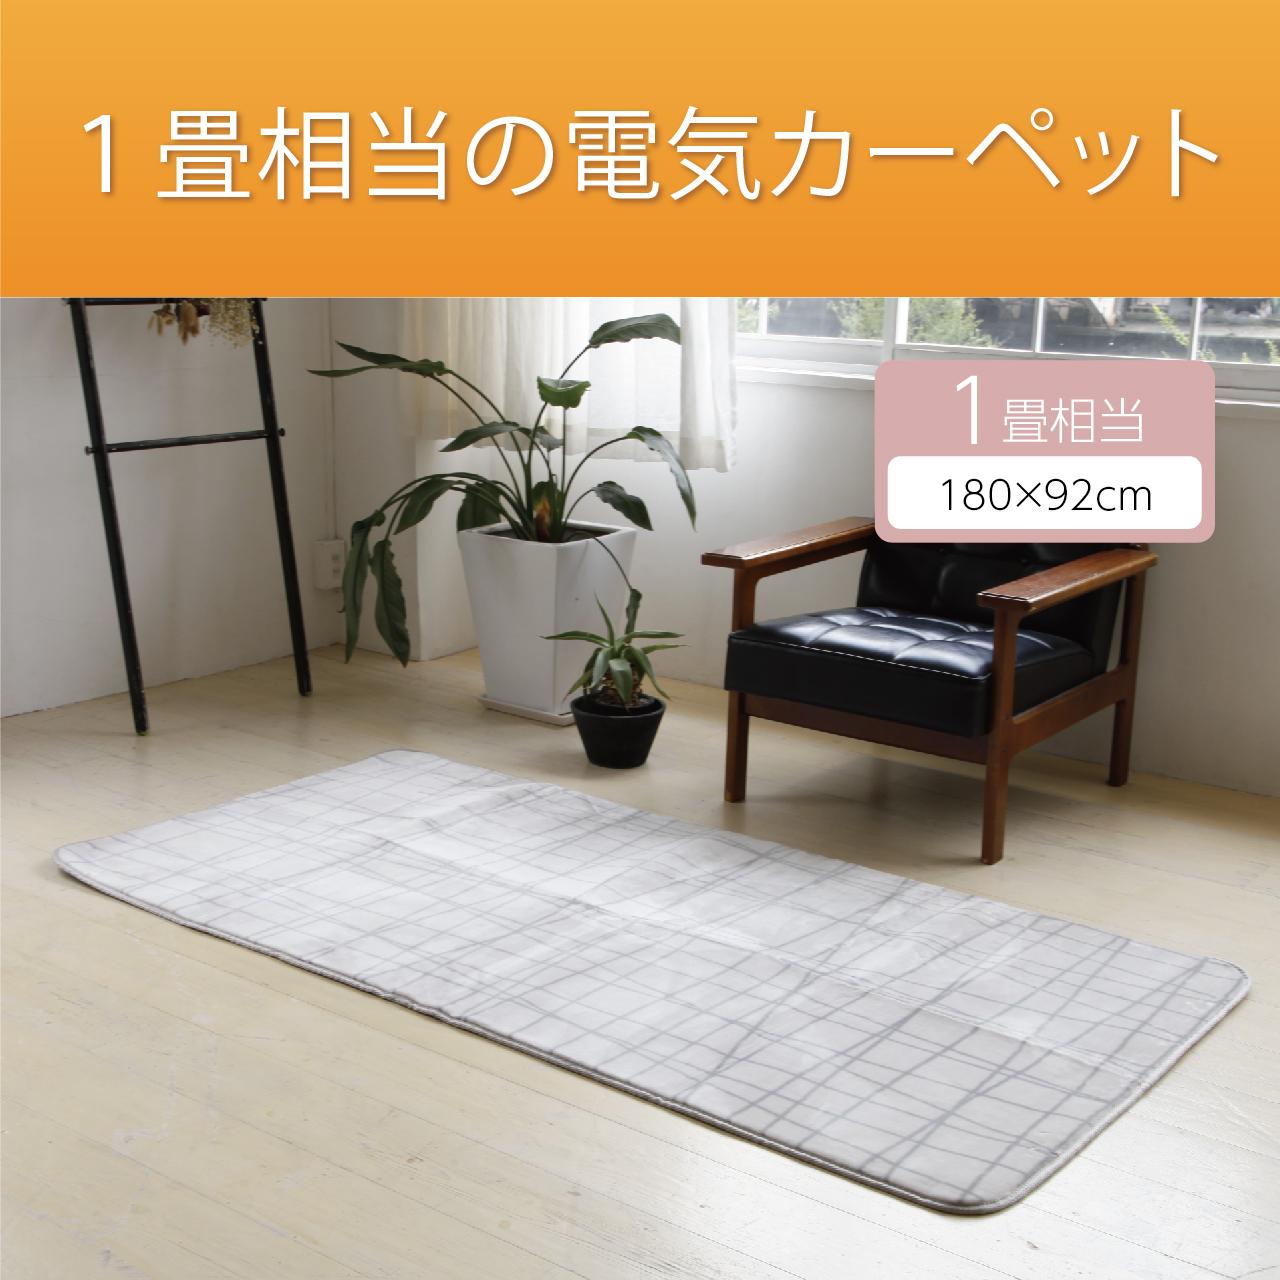 1 畳 カーペット ホット